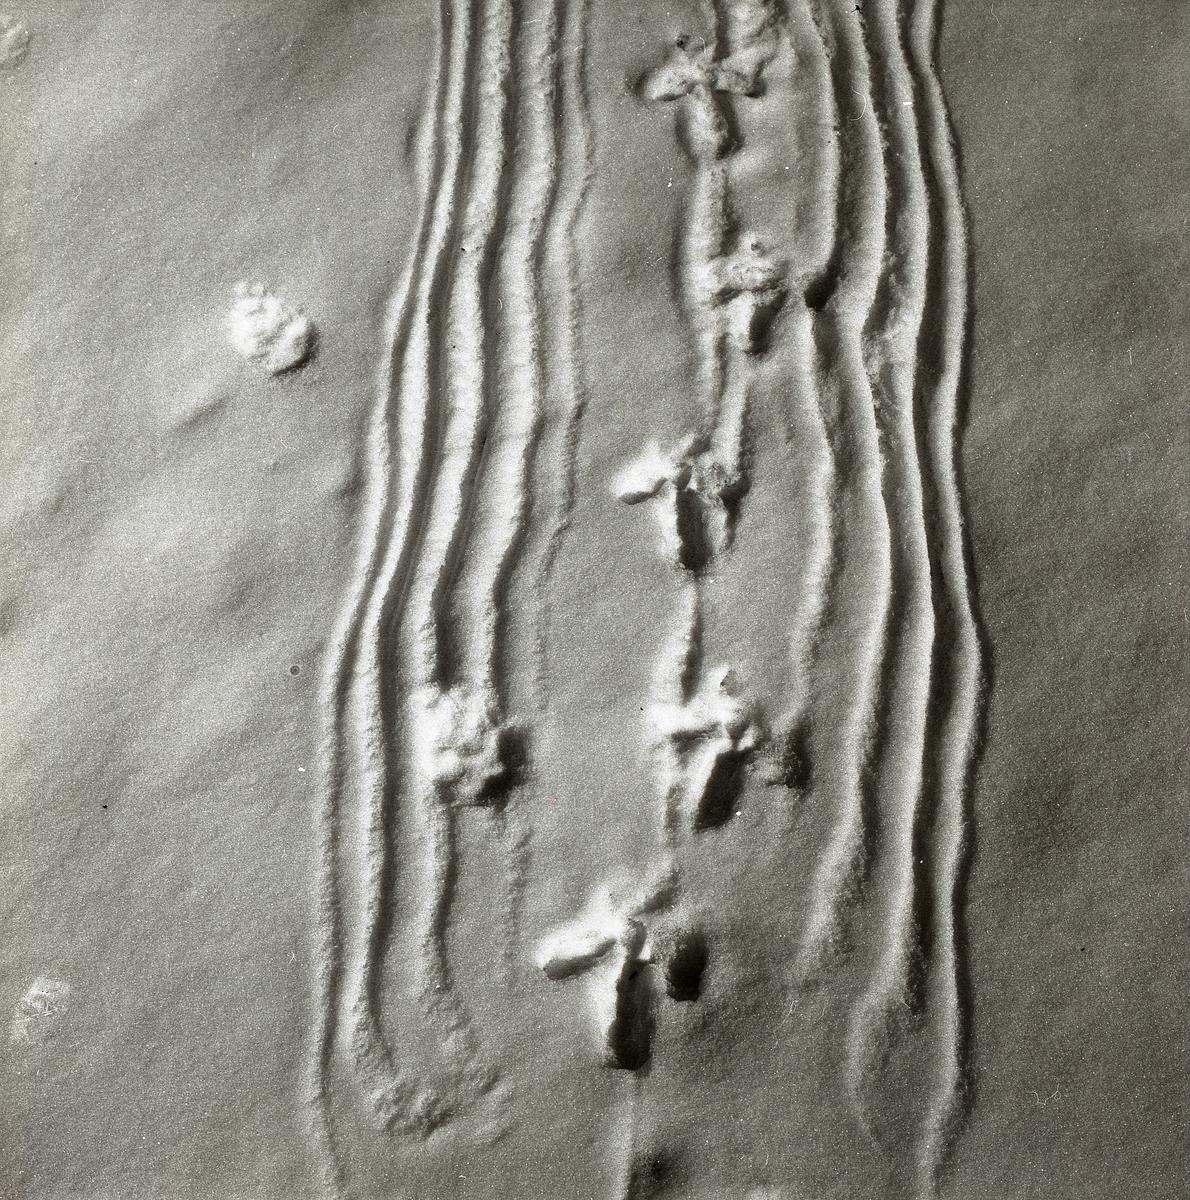 En spelande tjäder har passerat förbi och lämnat spår efter sig i snön. Långa linjer efter de släpande vingspetsarna och treuddiga fotspår efter klorna bevisar fågelns existens.